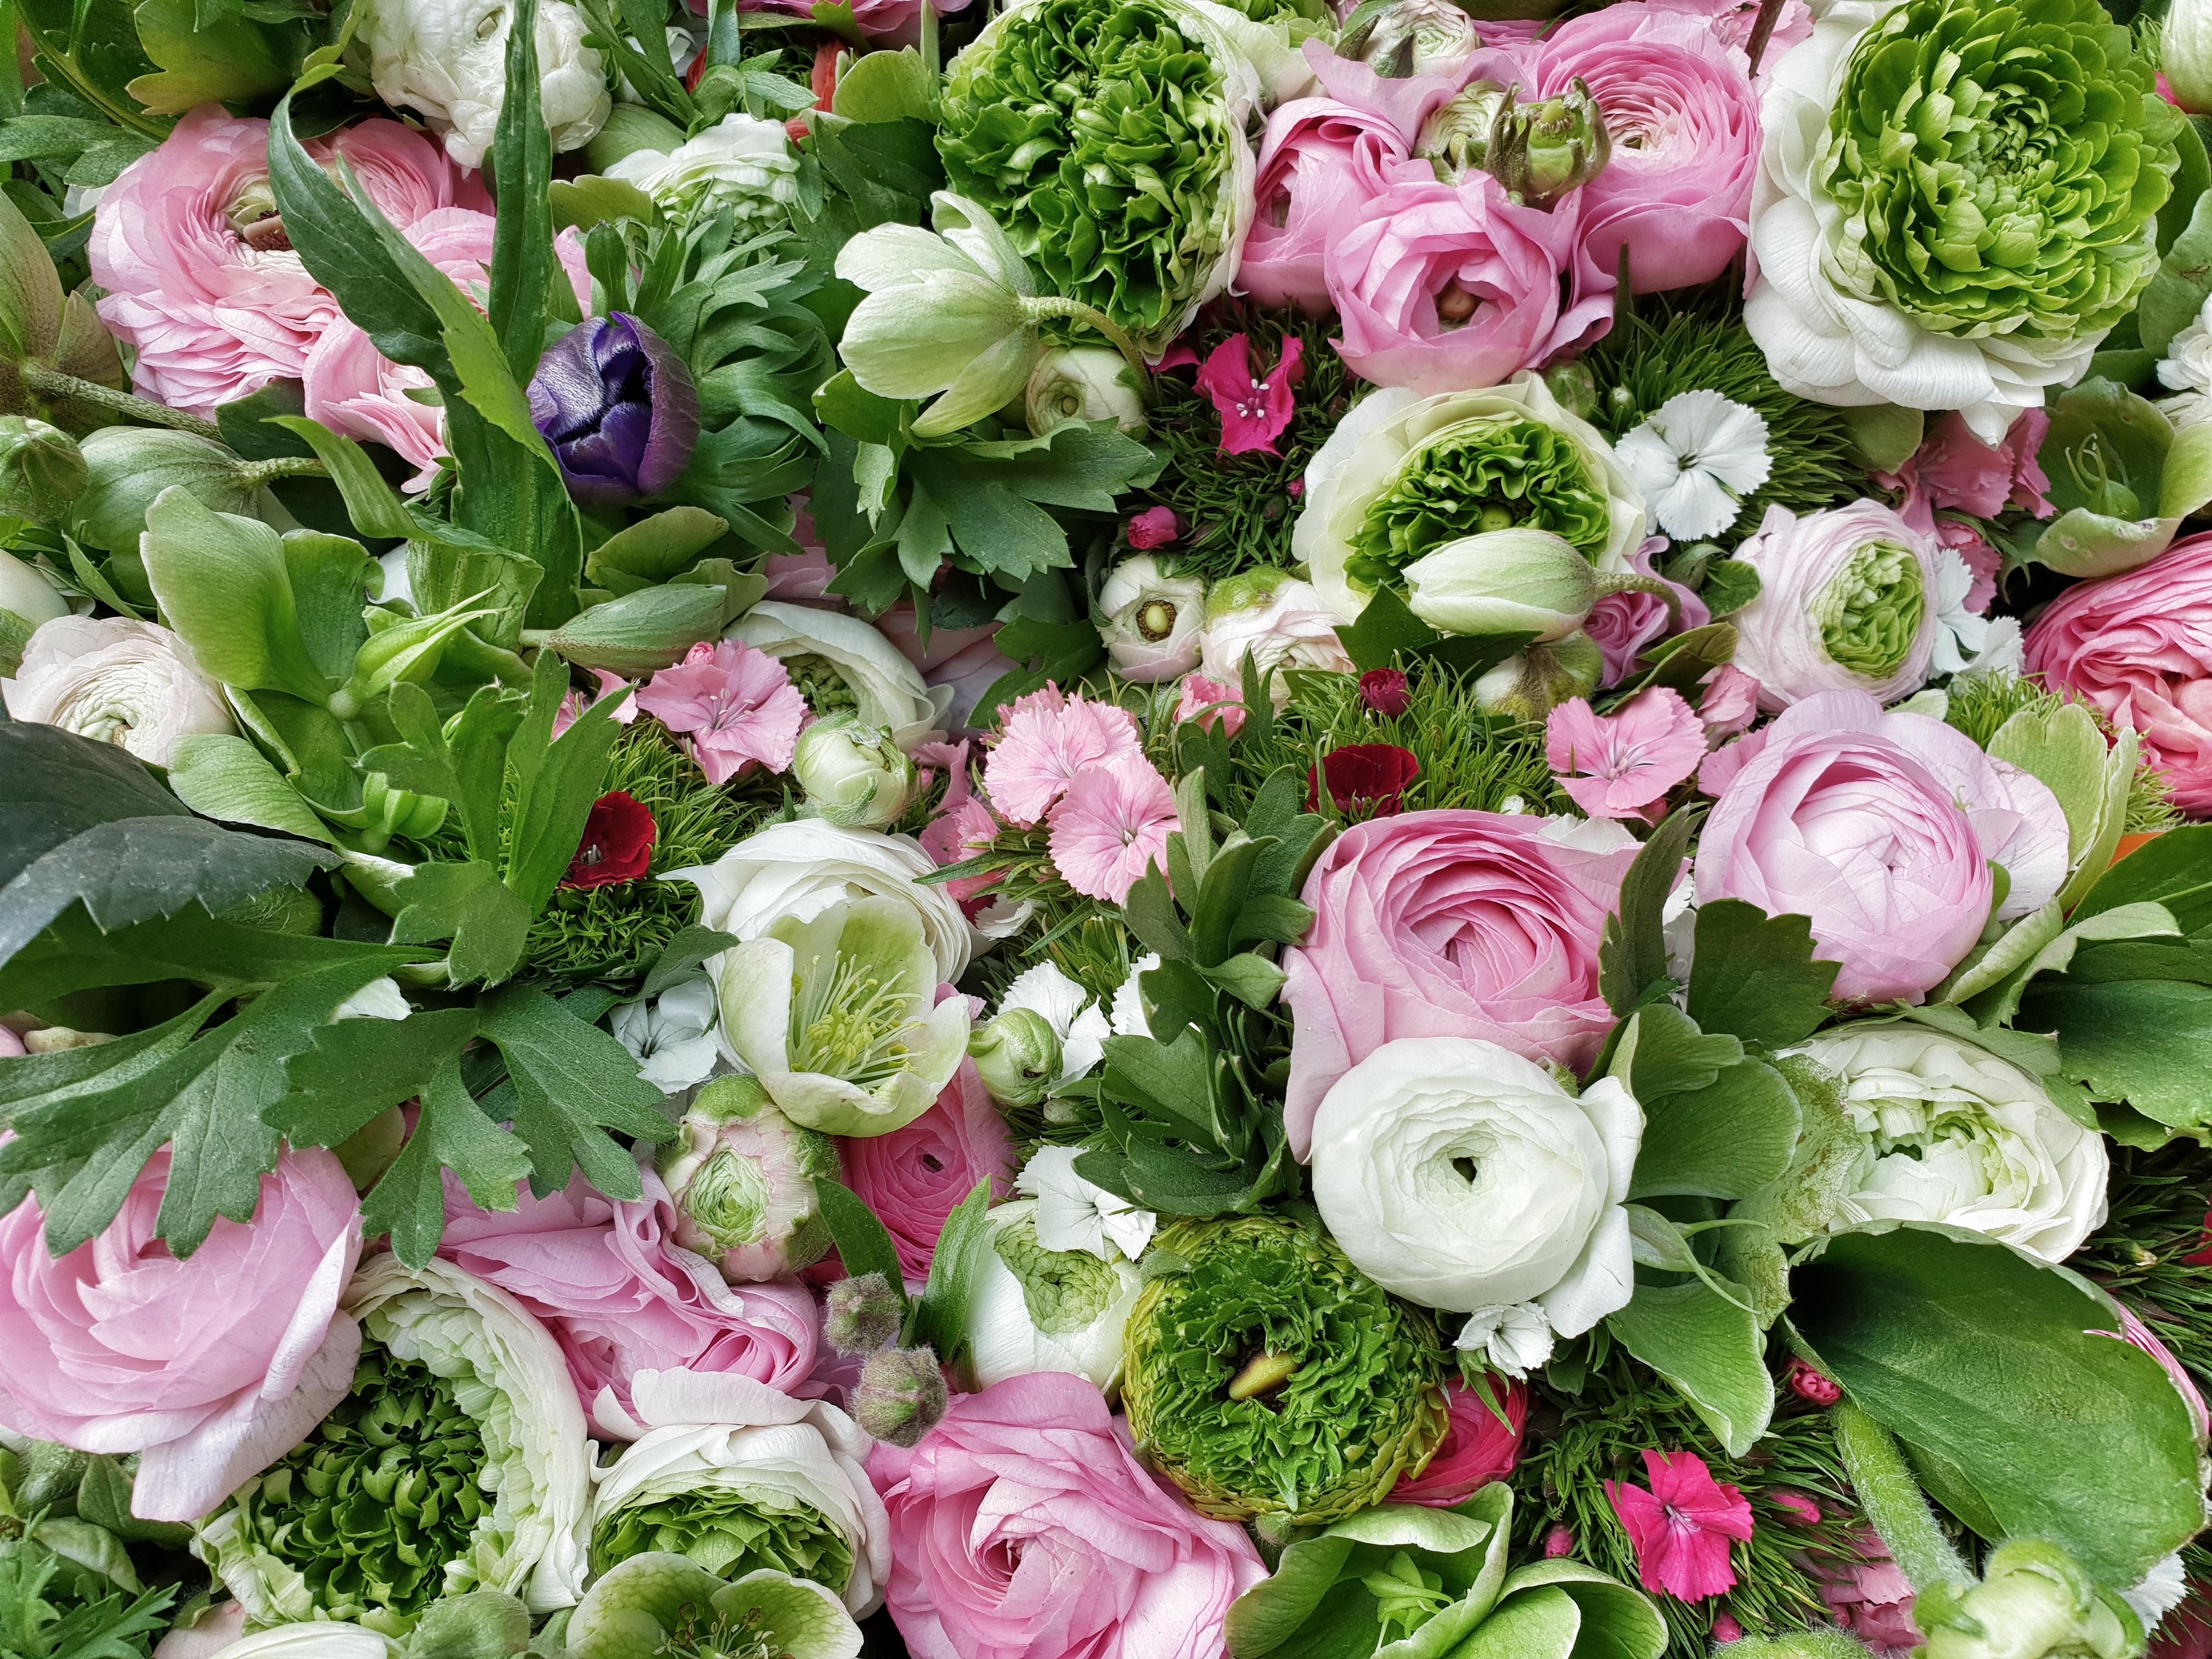 social_agro_flowers.jpg